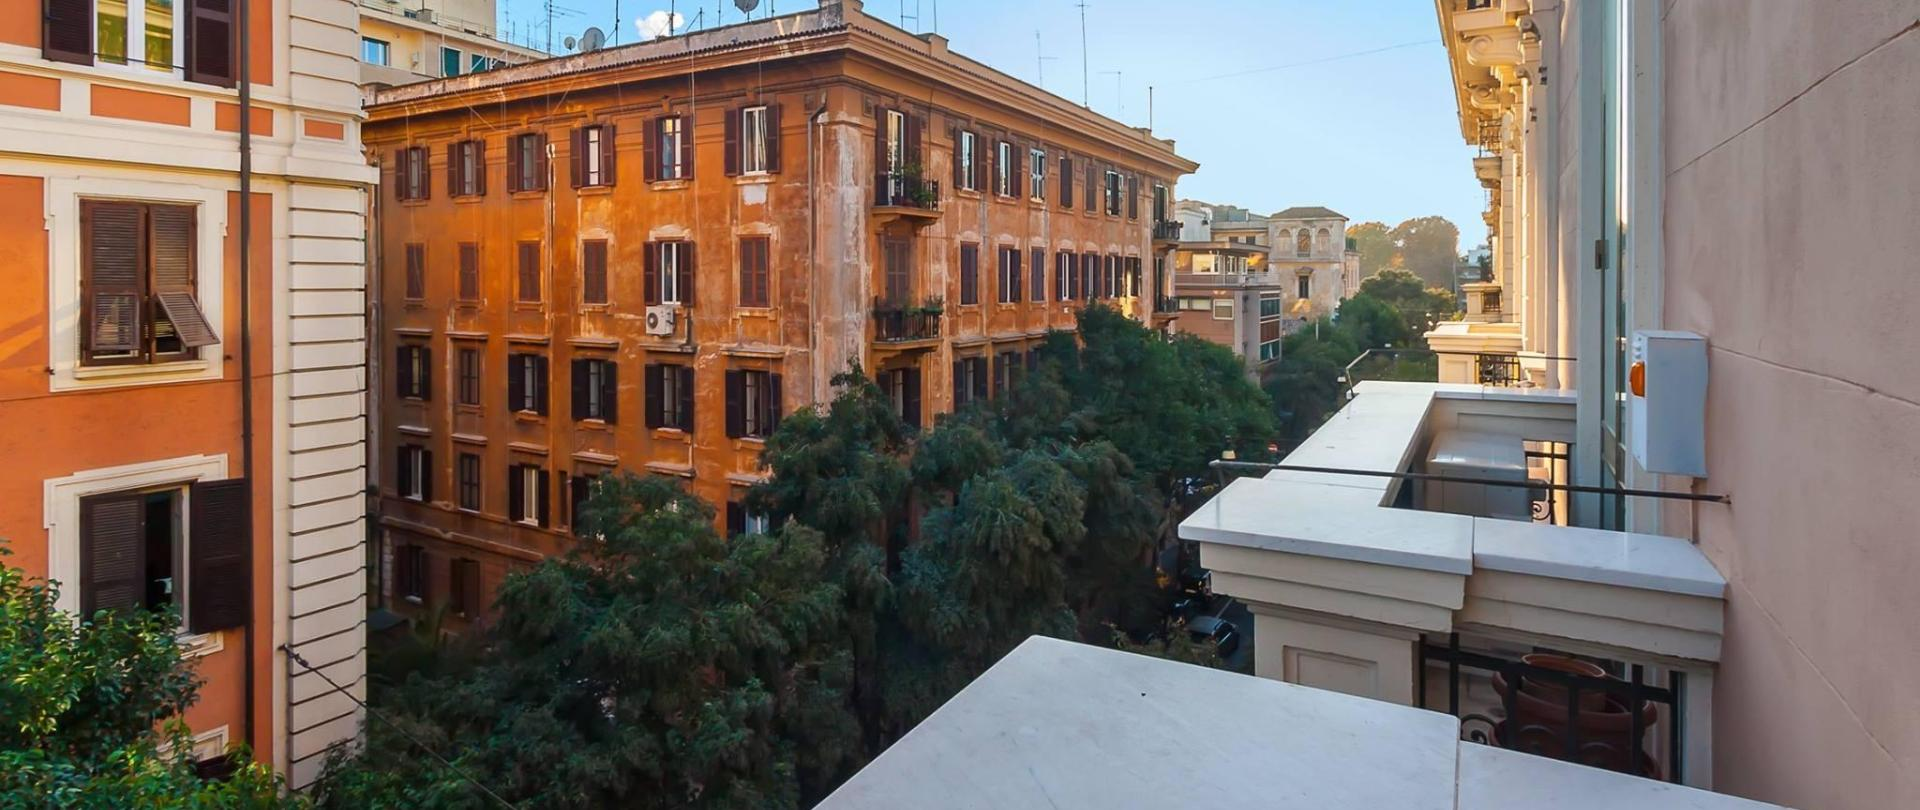 Residenza Romana